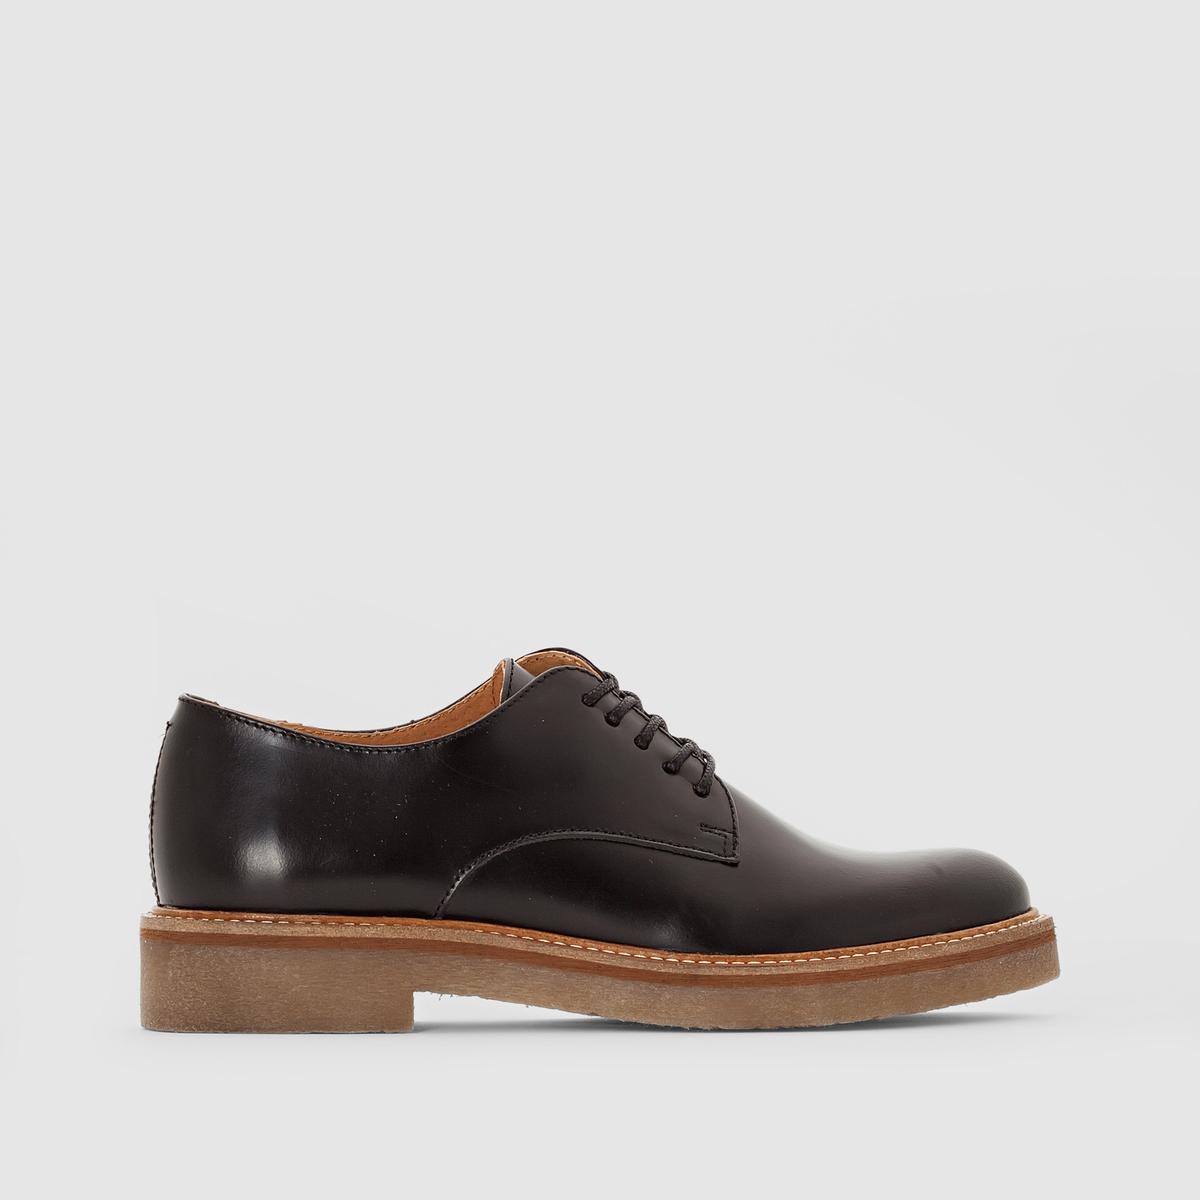 Ботинки-дерби кожаные OxfordПодкладка: Неотделанная кожа     Стелька: Неотделанная кожа     Подошва: Вальцованный каучук     Высота каблука: 3 см     Застежка: шнуровка.<br><br>Цвет: черный<br>Размер: 41